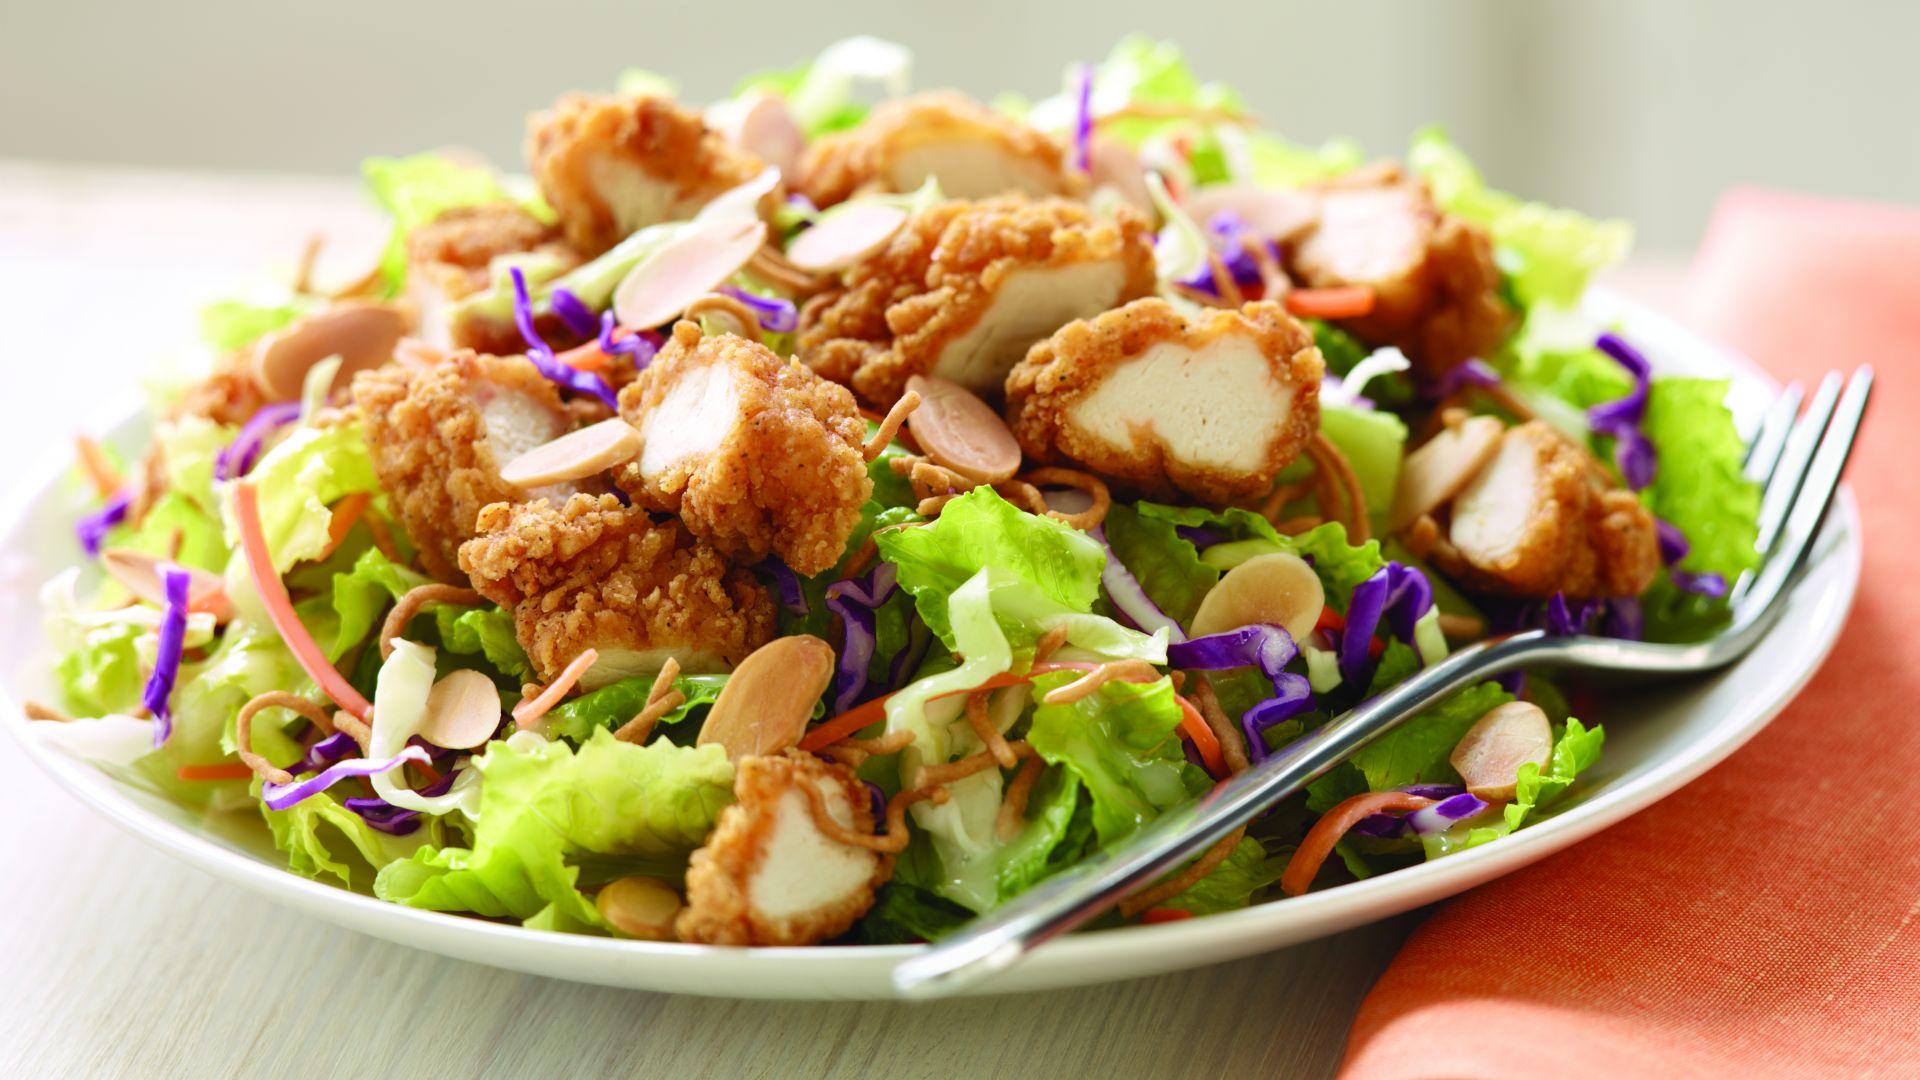 курица салат в хорошем качестве